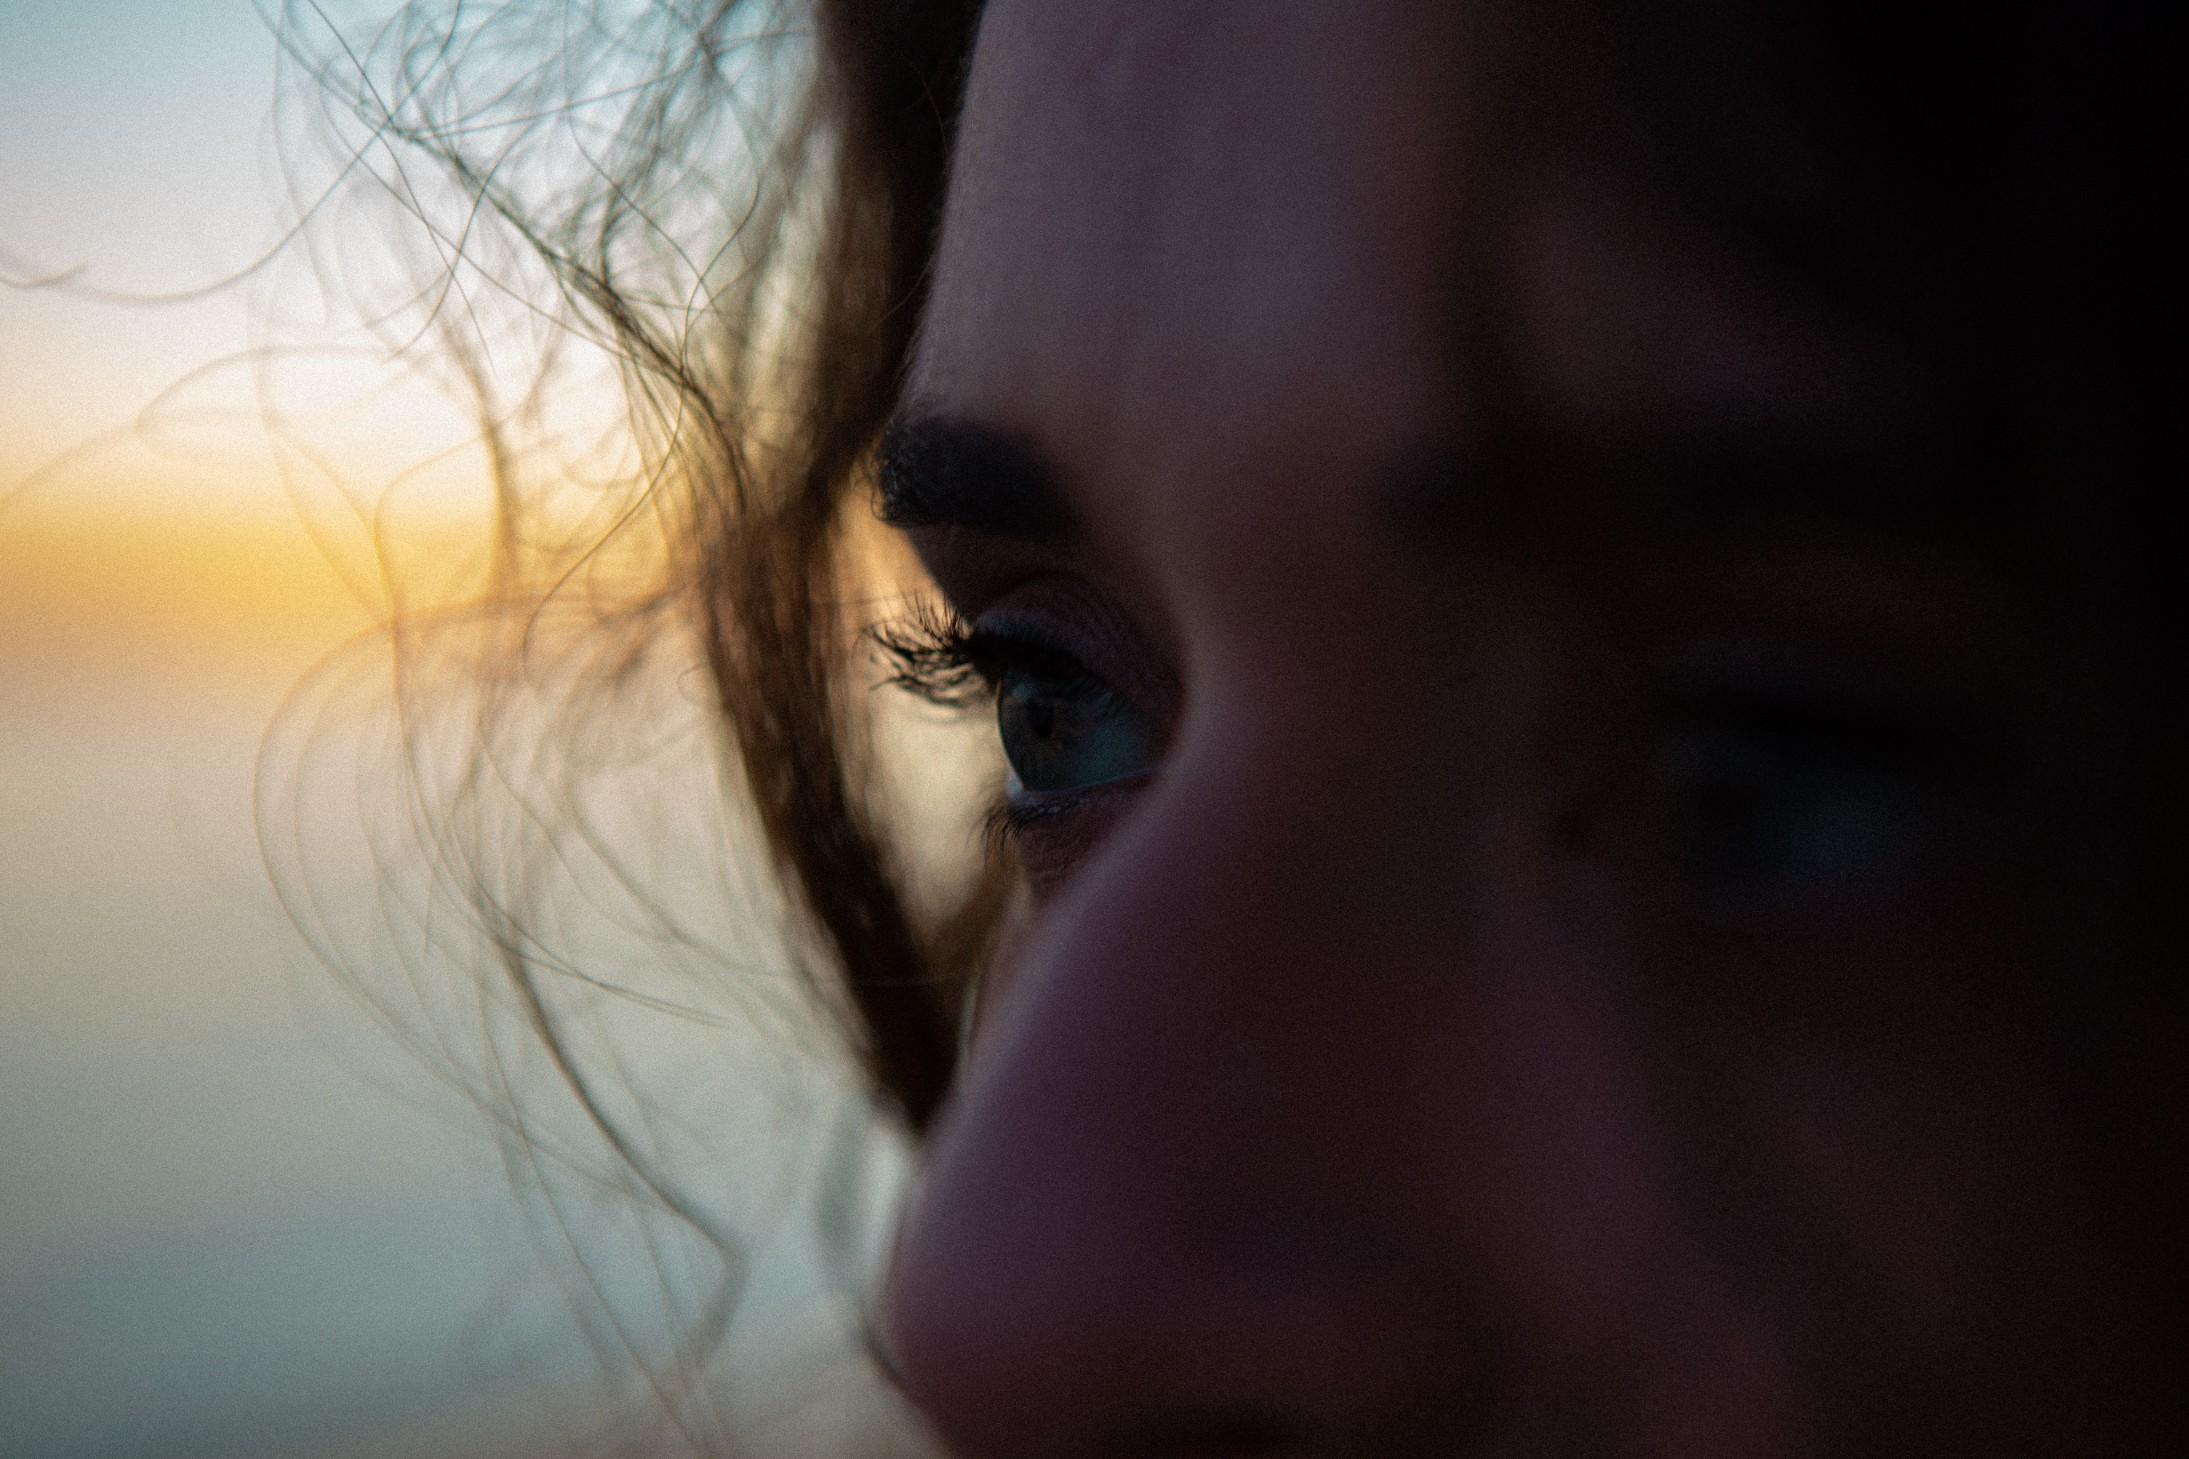 ritratto | donna | città | photoshoot | rhamely | profilo | torre annunziata | birthland | cortometraggio